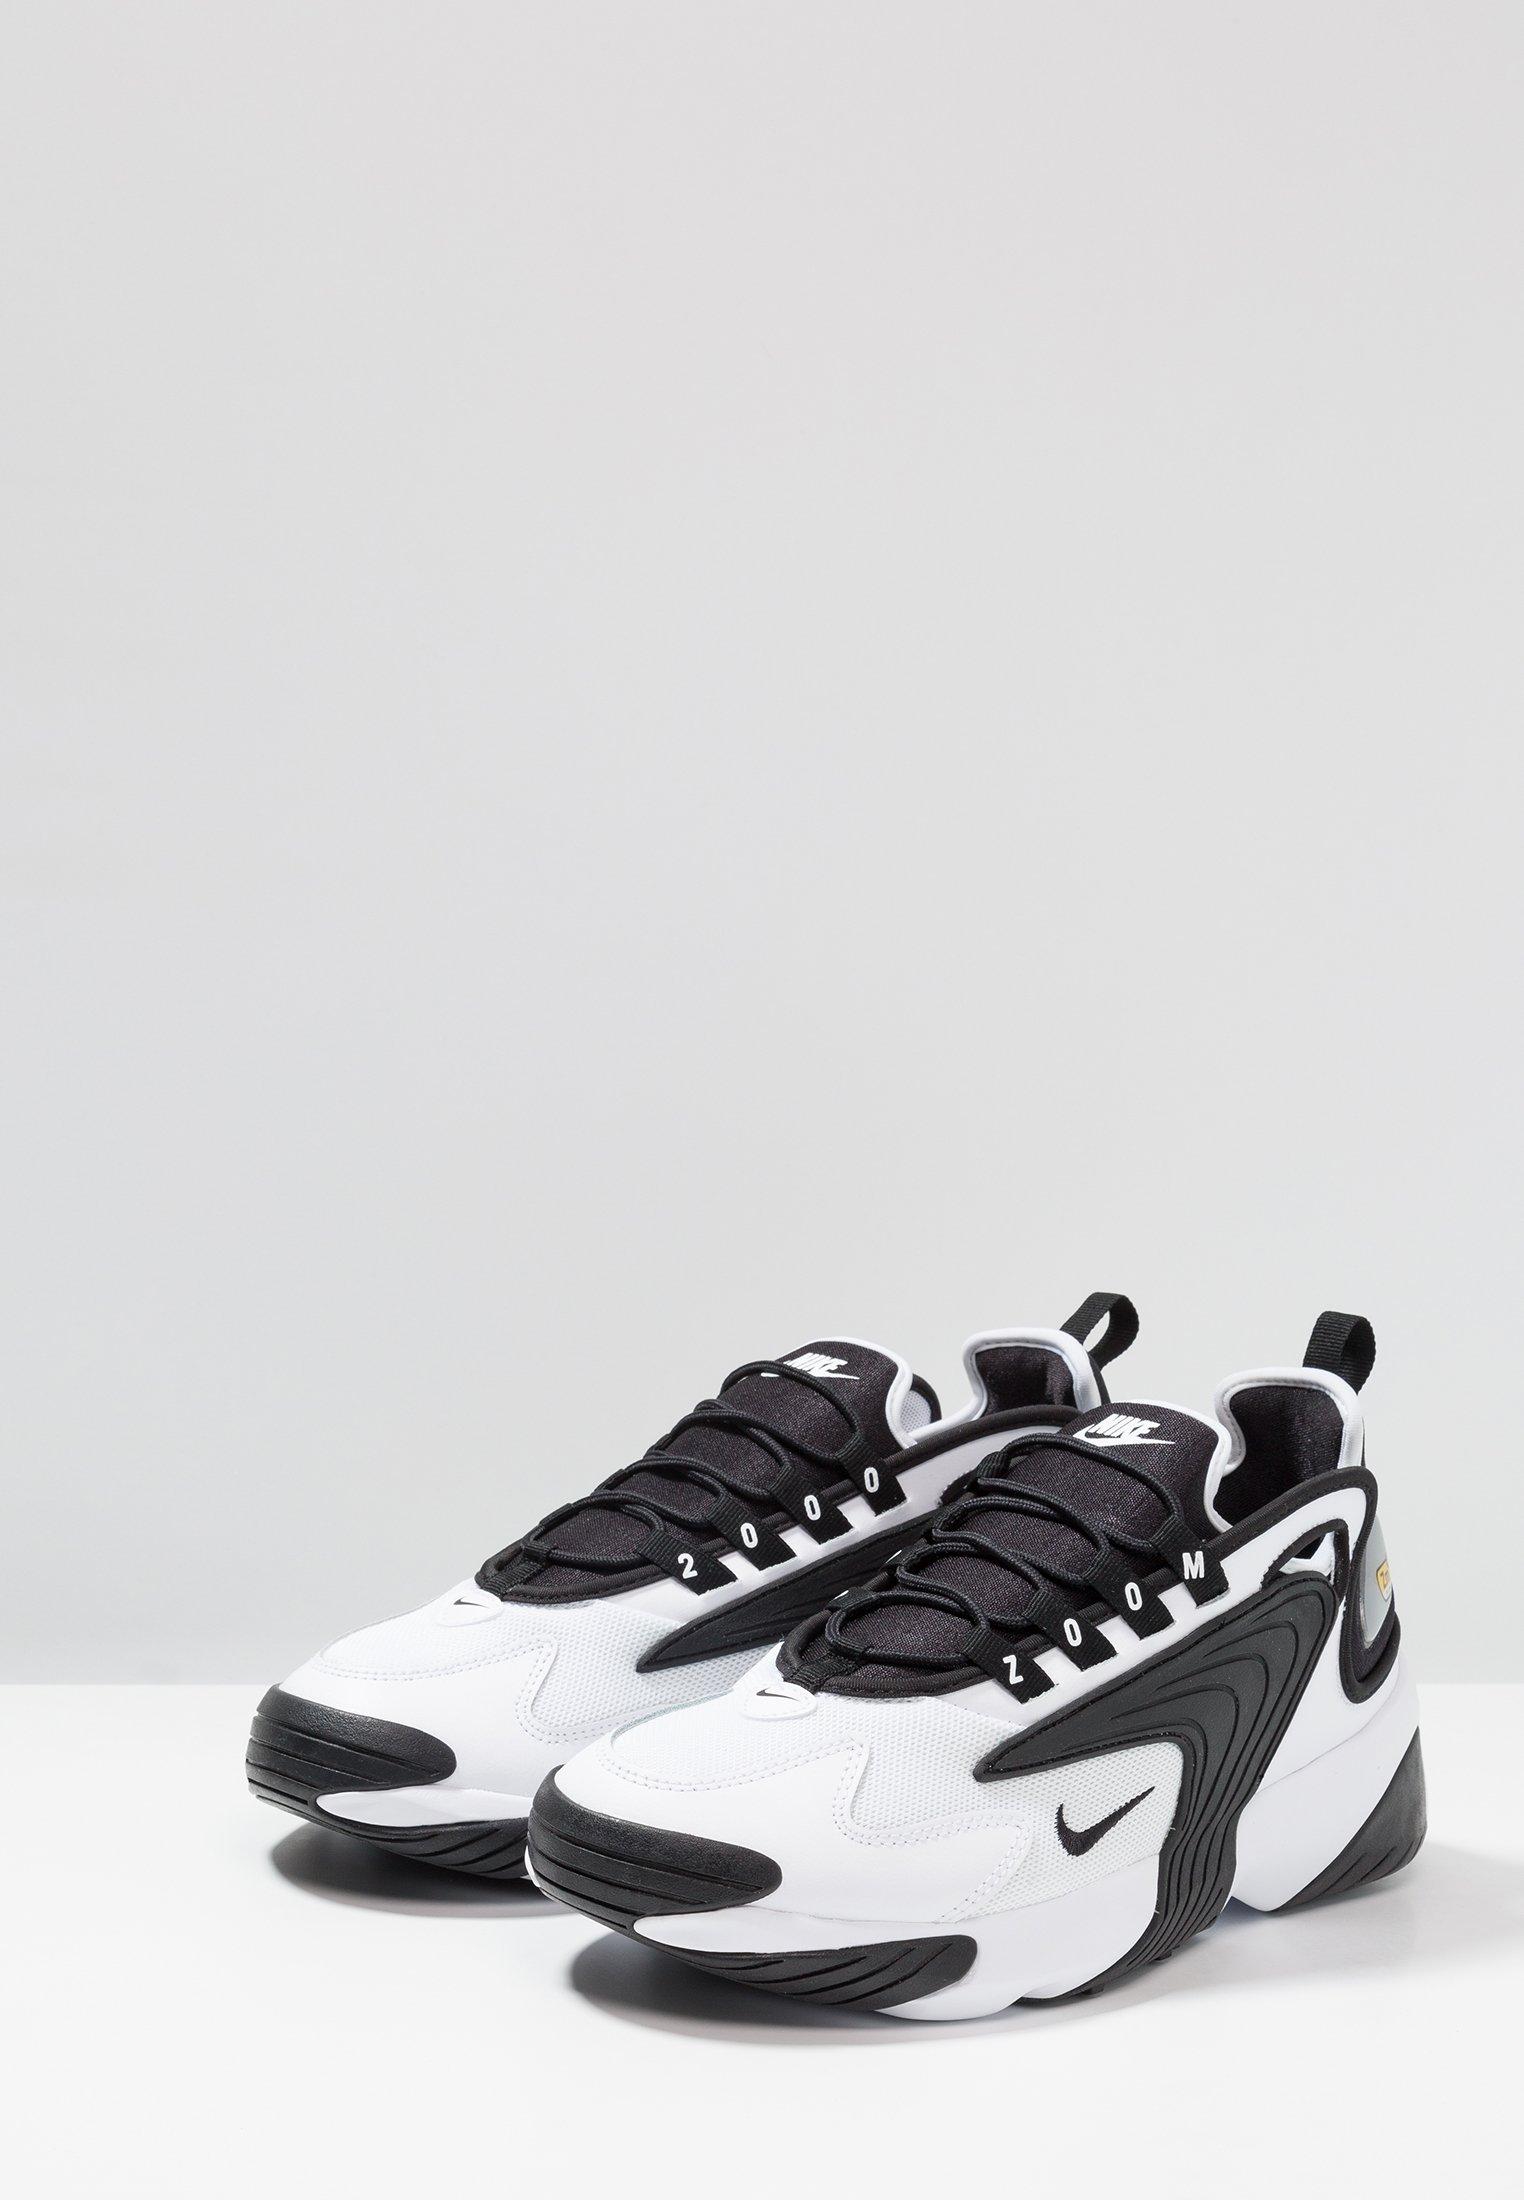 nike sportswear hombre zapatillas zoom